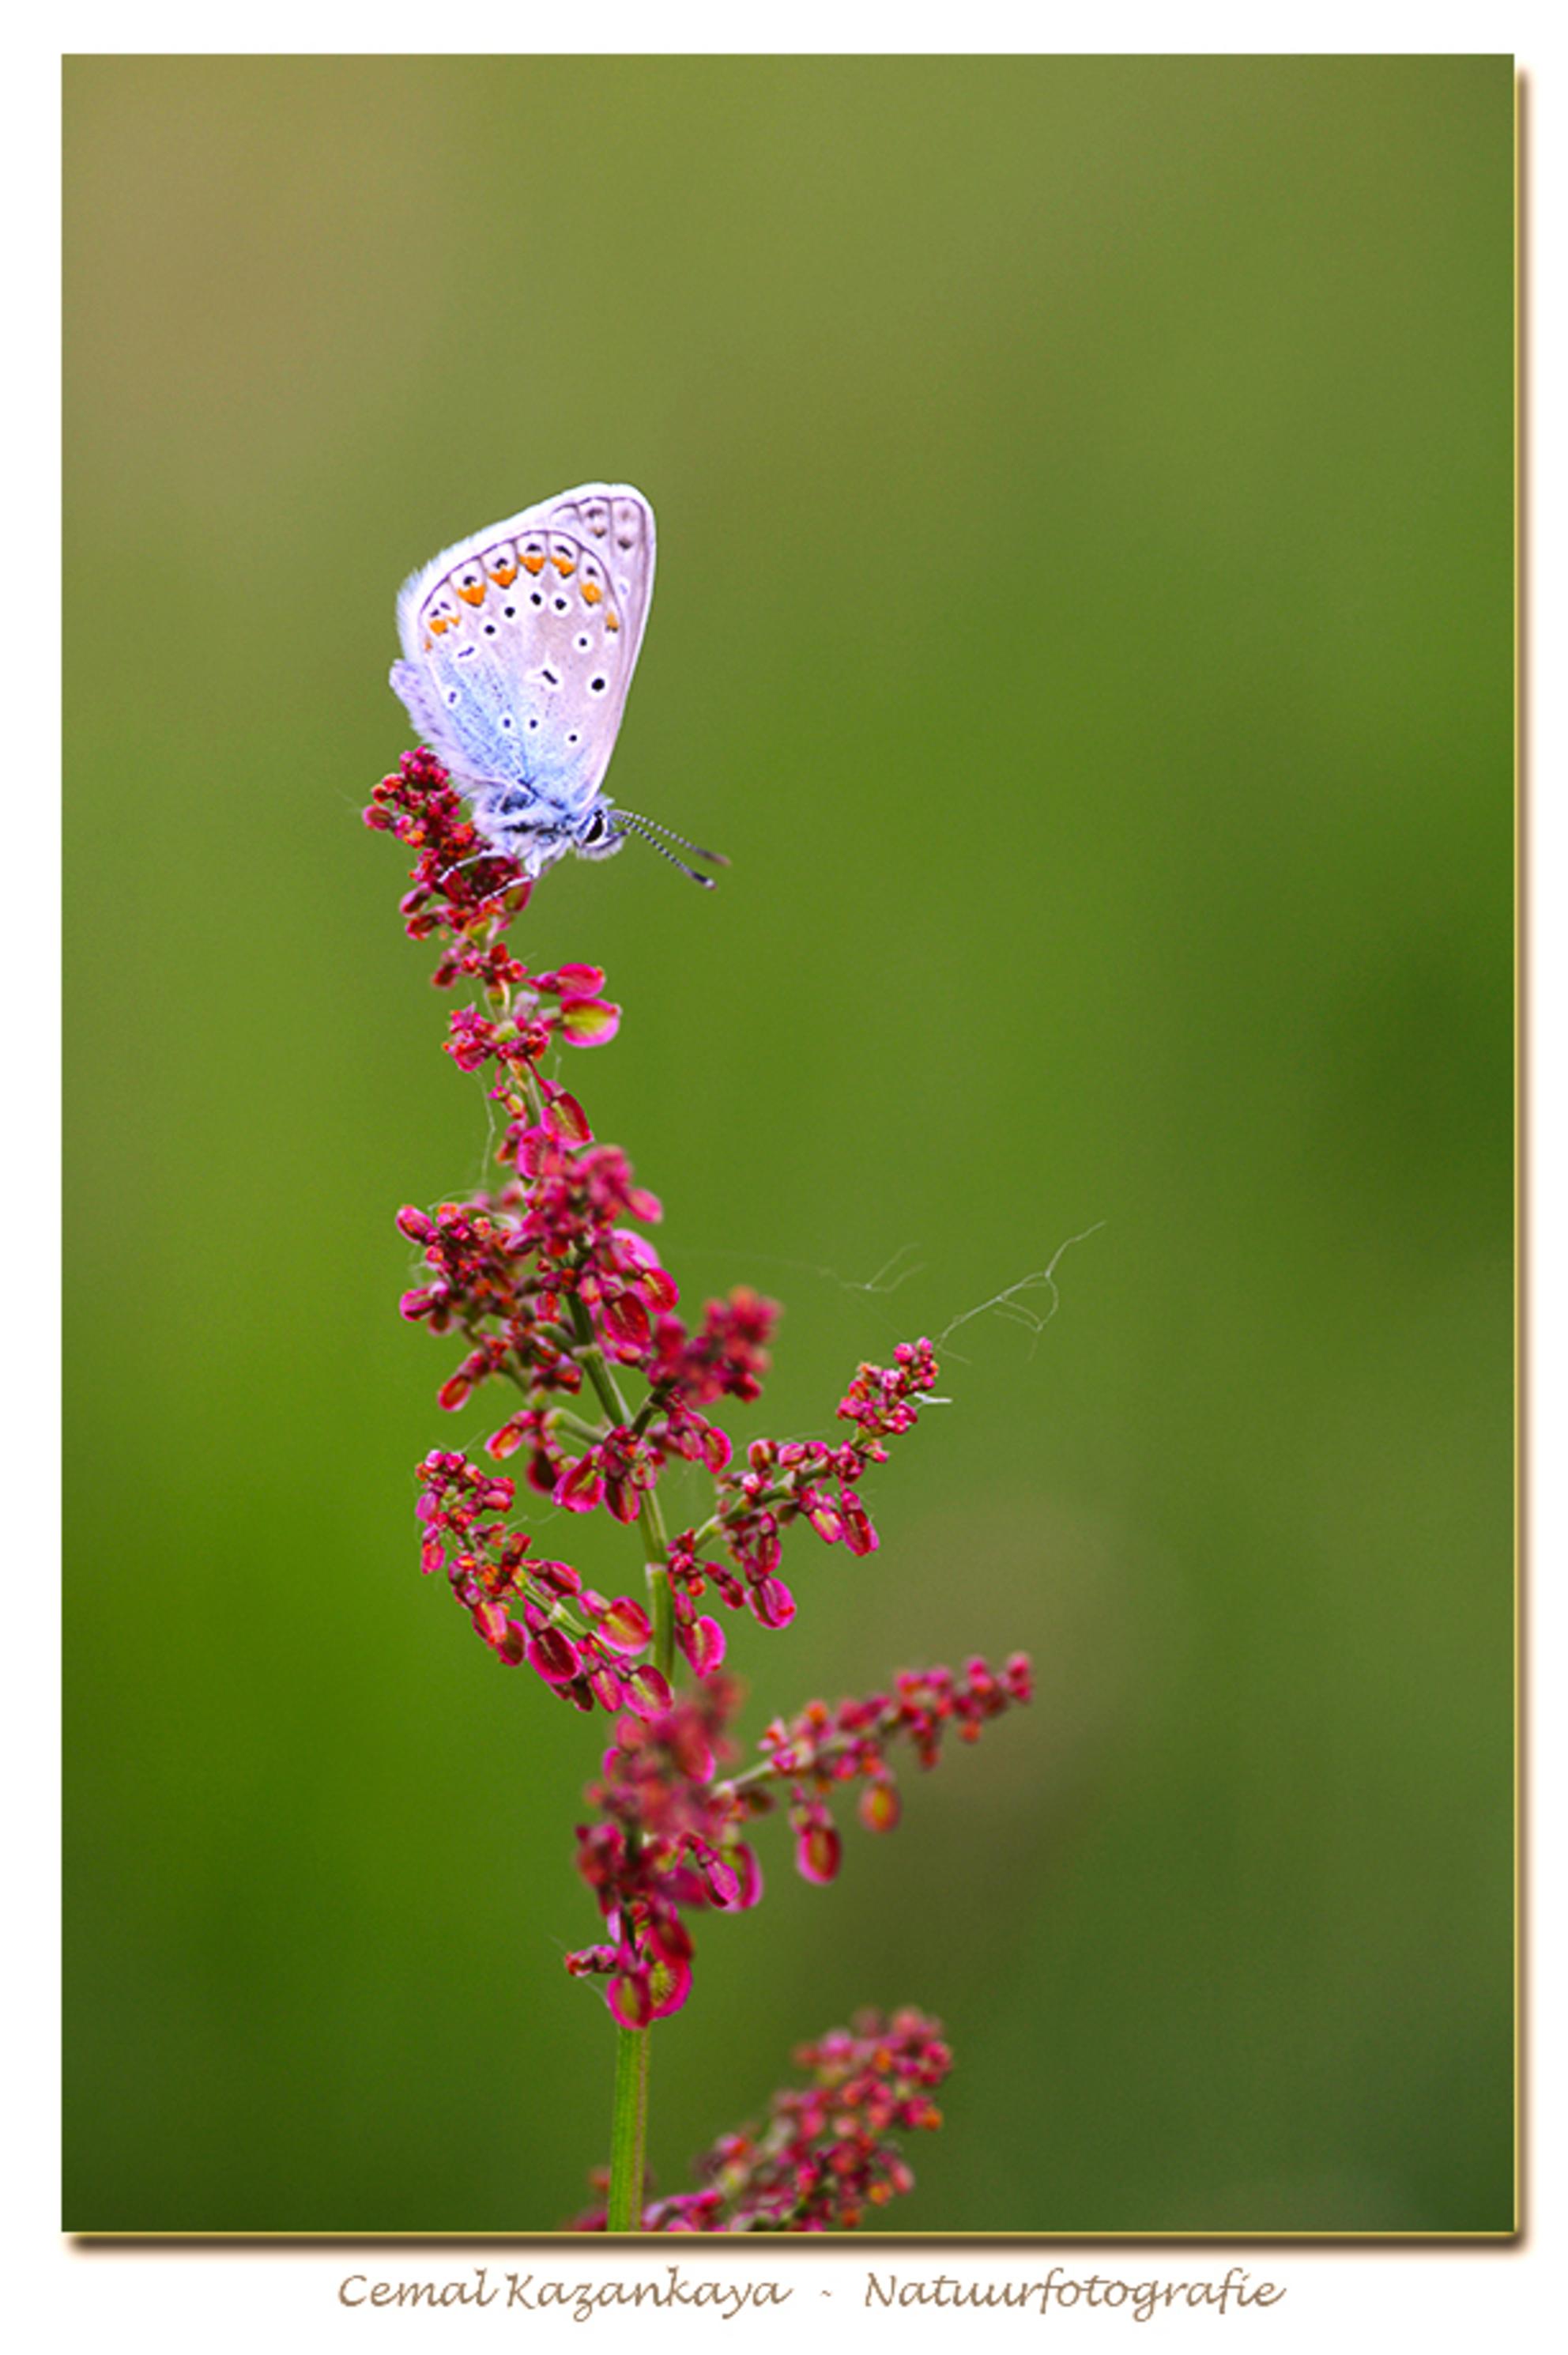 Icarusblauwtje - Icarusblauwtje.. - foto door CemalKazankaya op 31-05-2017 - deze foto bevat: groen, paars, macro, wit, blauw, bloem, lente, natuur, vlinder, bruin, blauwtje, icarusblauwtje, oranje, zomer, insect, dof, bokeh, cemal kazankaya - Deze foto mag gebruikt worden in een Zoom.nl publicatie